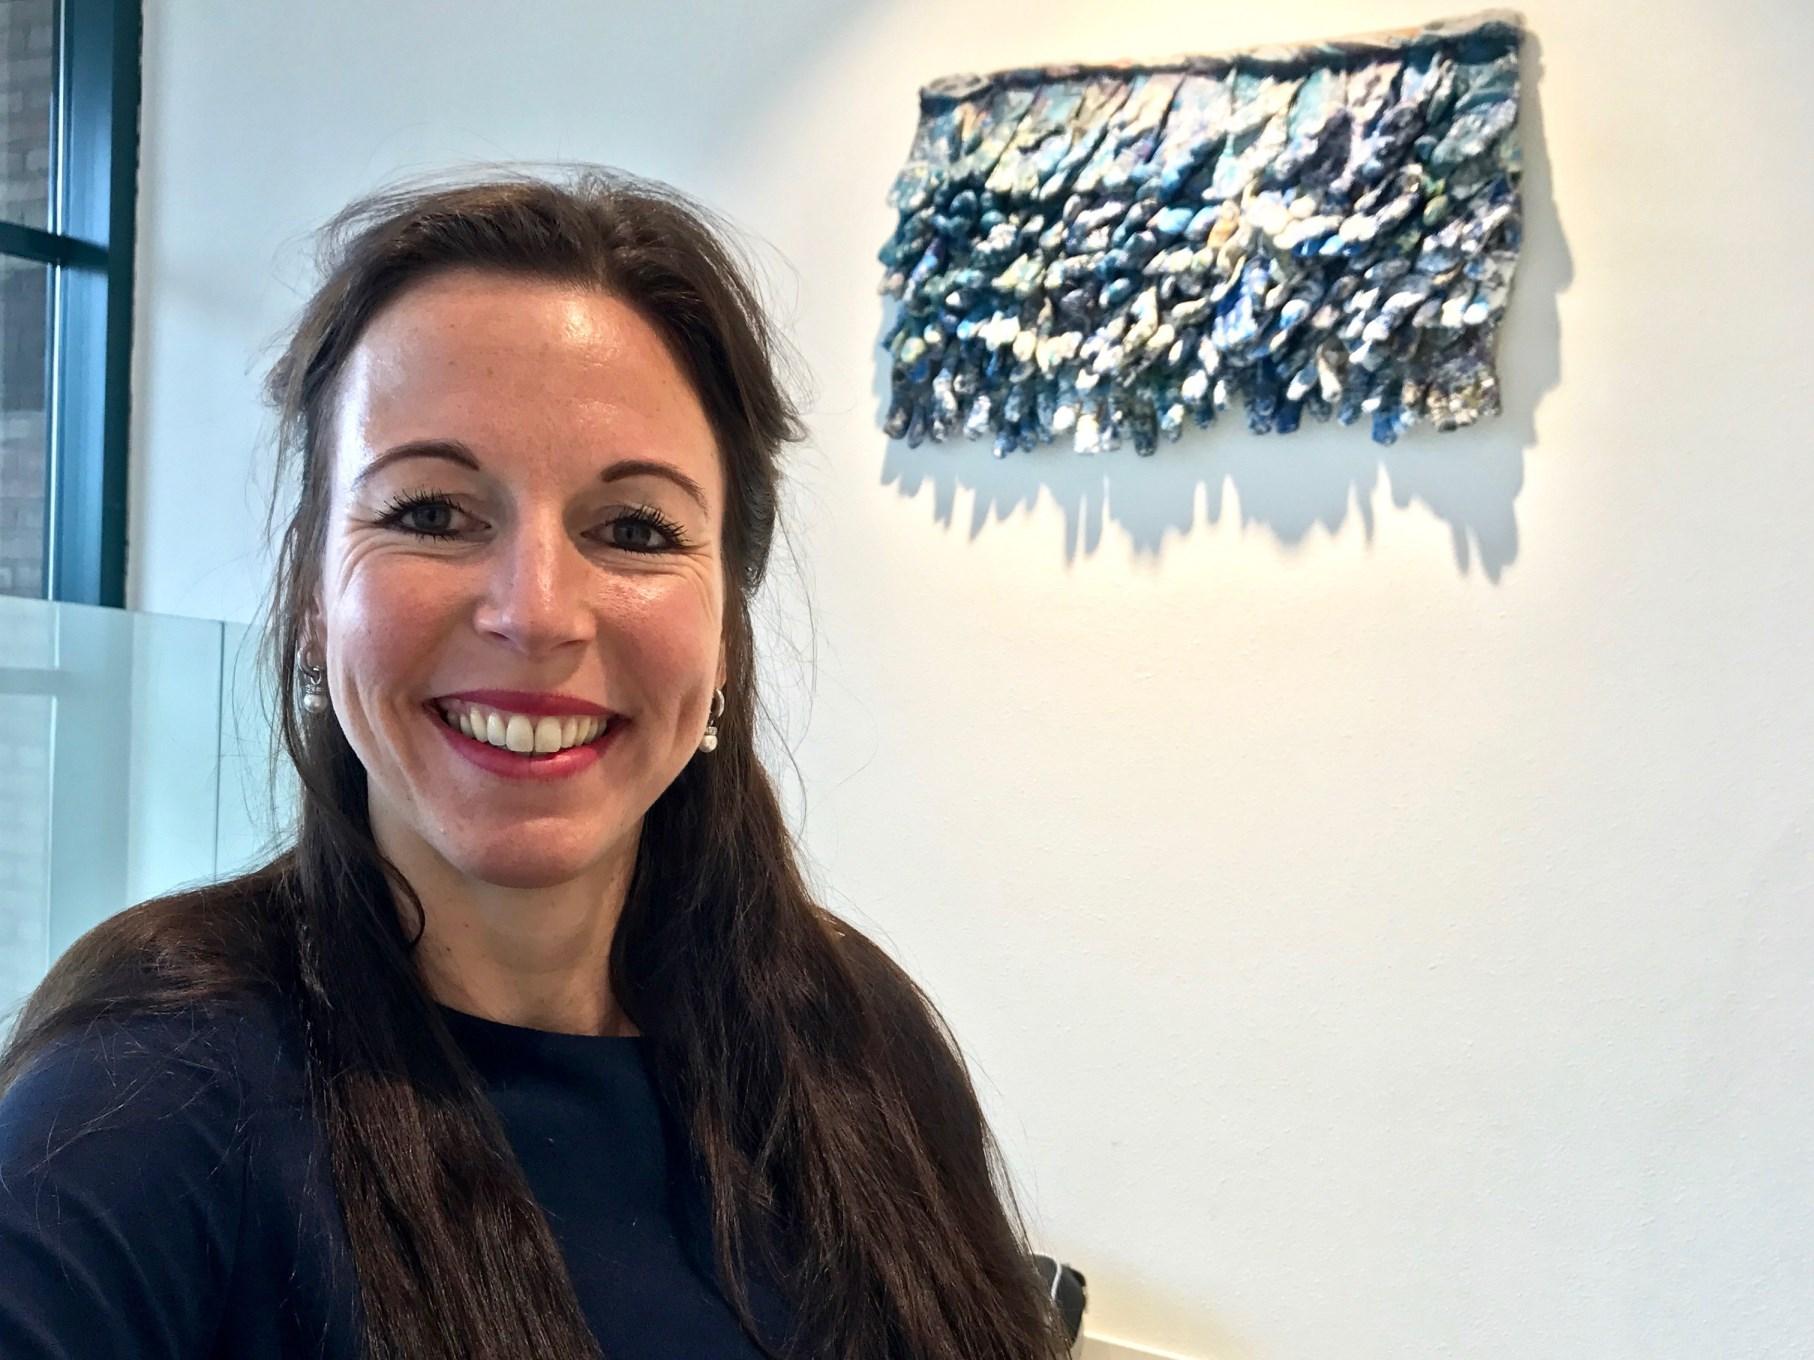 Marieke Verkerk, projectleider zelforganisatie bij Ipse de bruggen